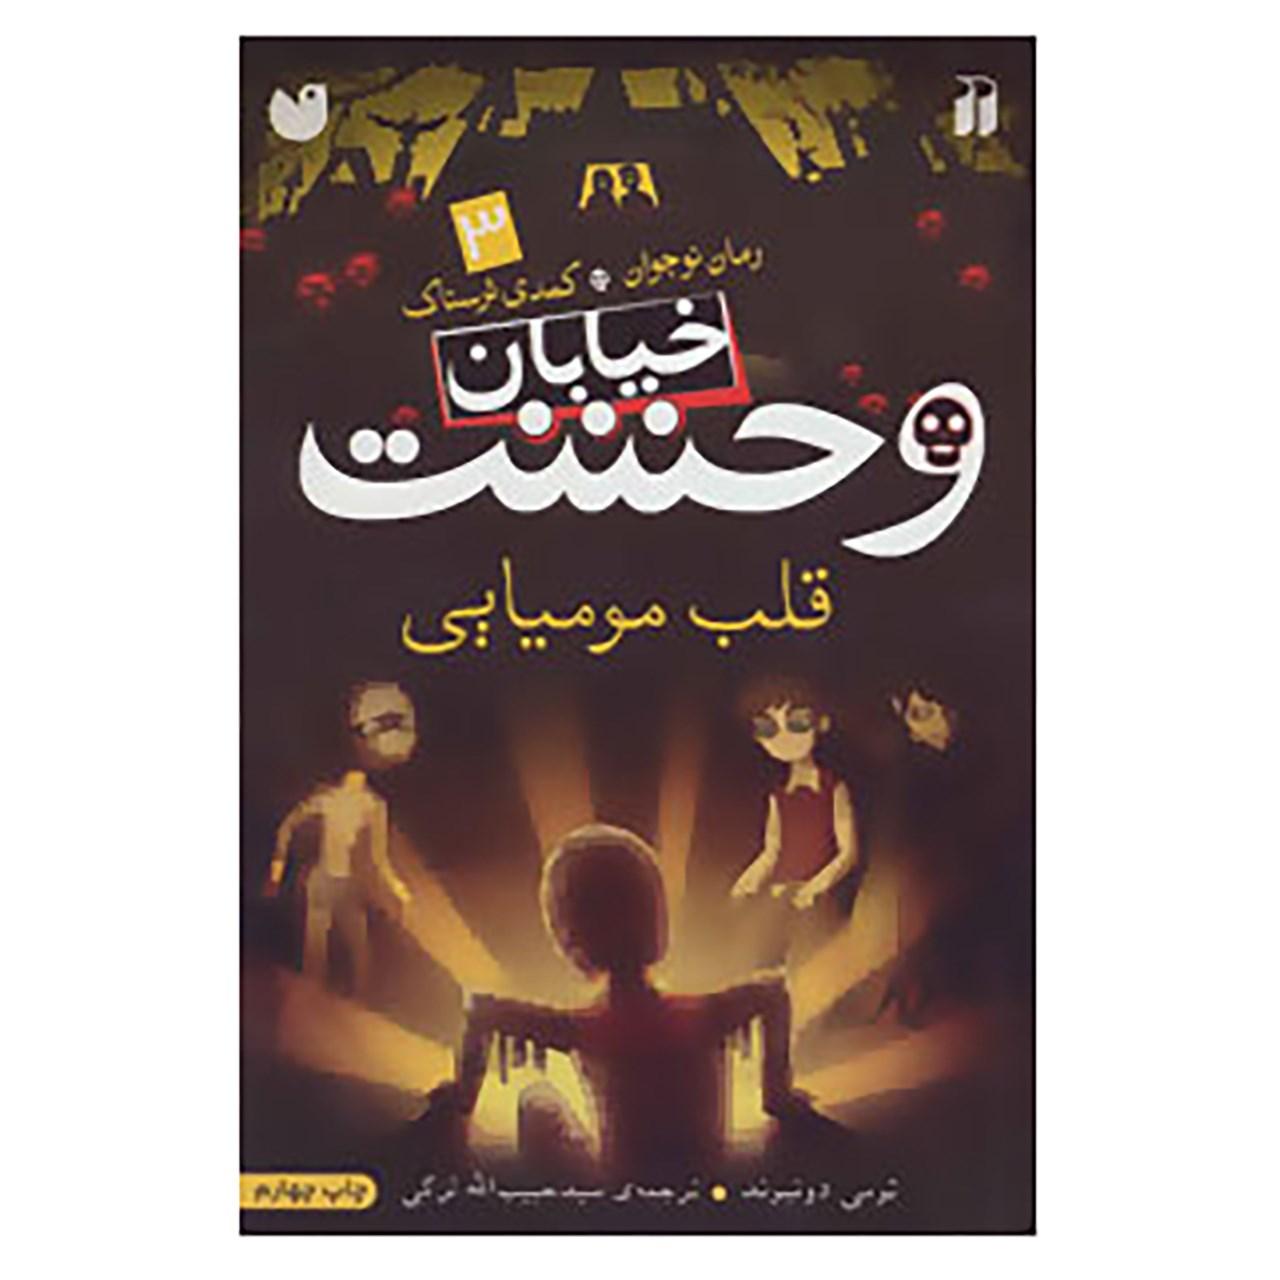 خرید                      کتاب خیابان وحشت 3 اثر تومی دونبوند